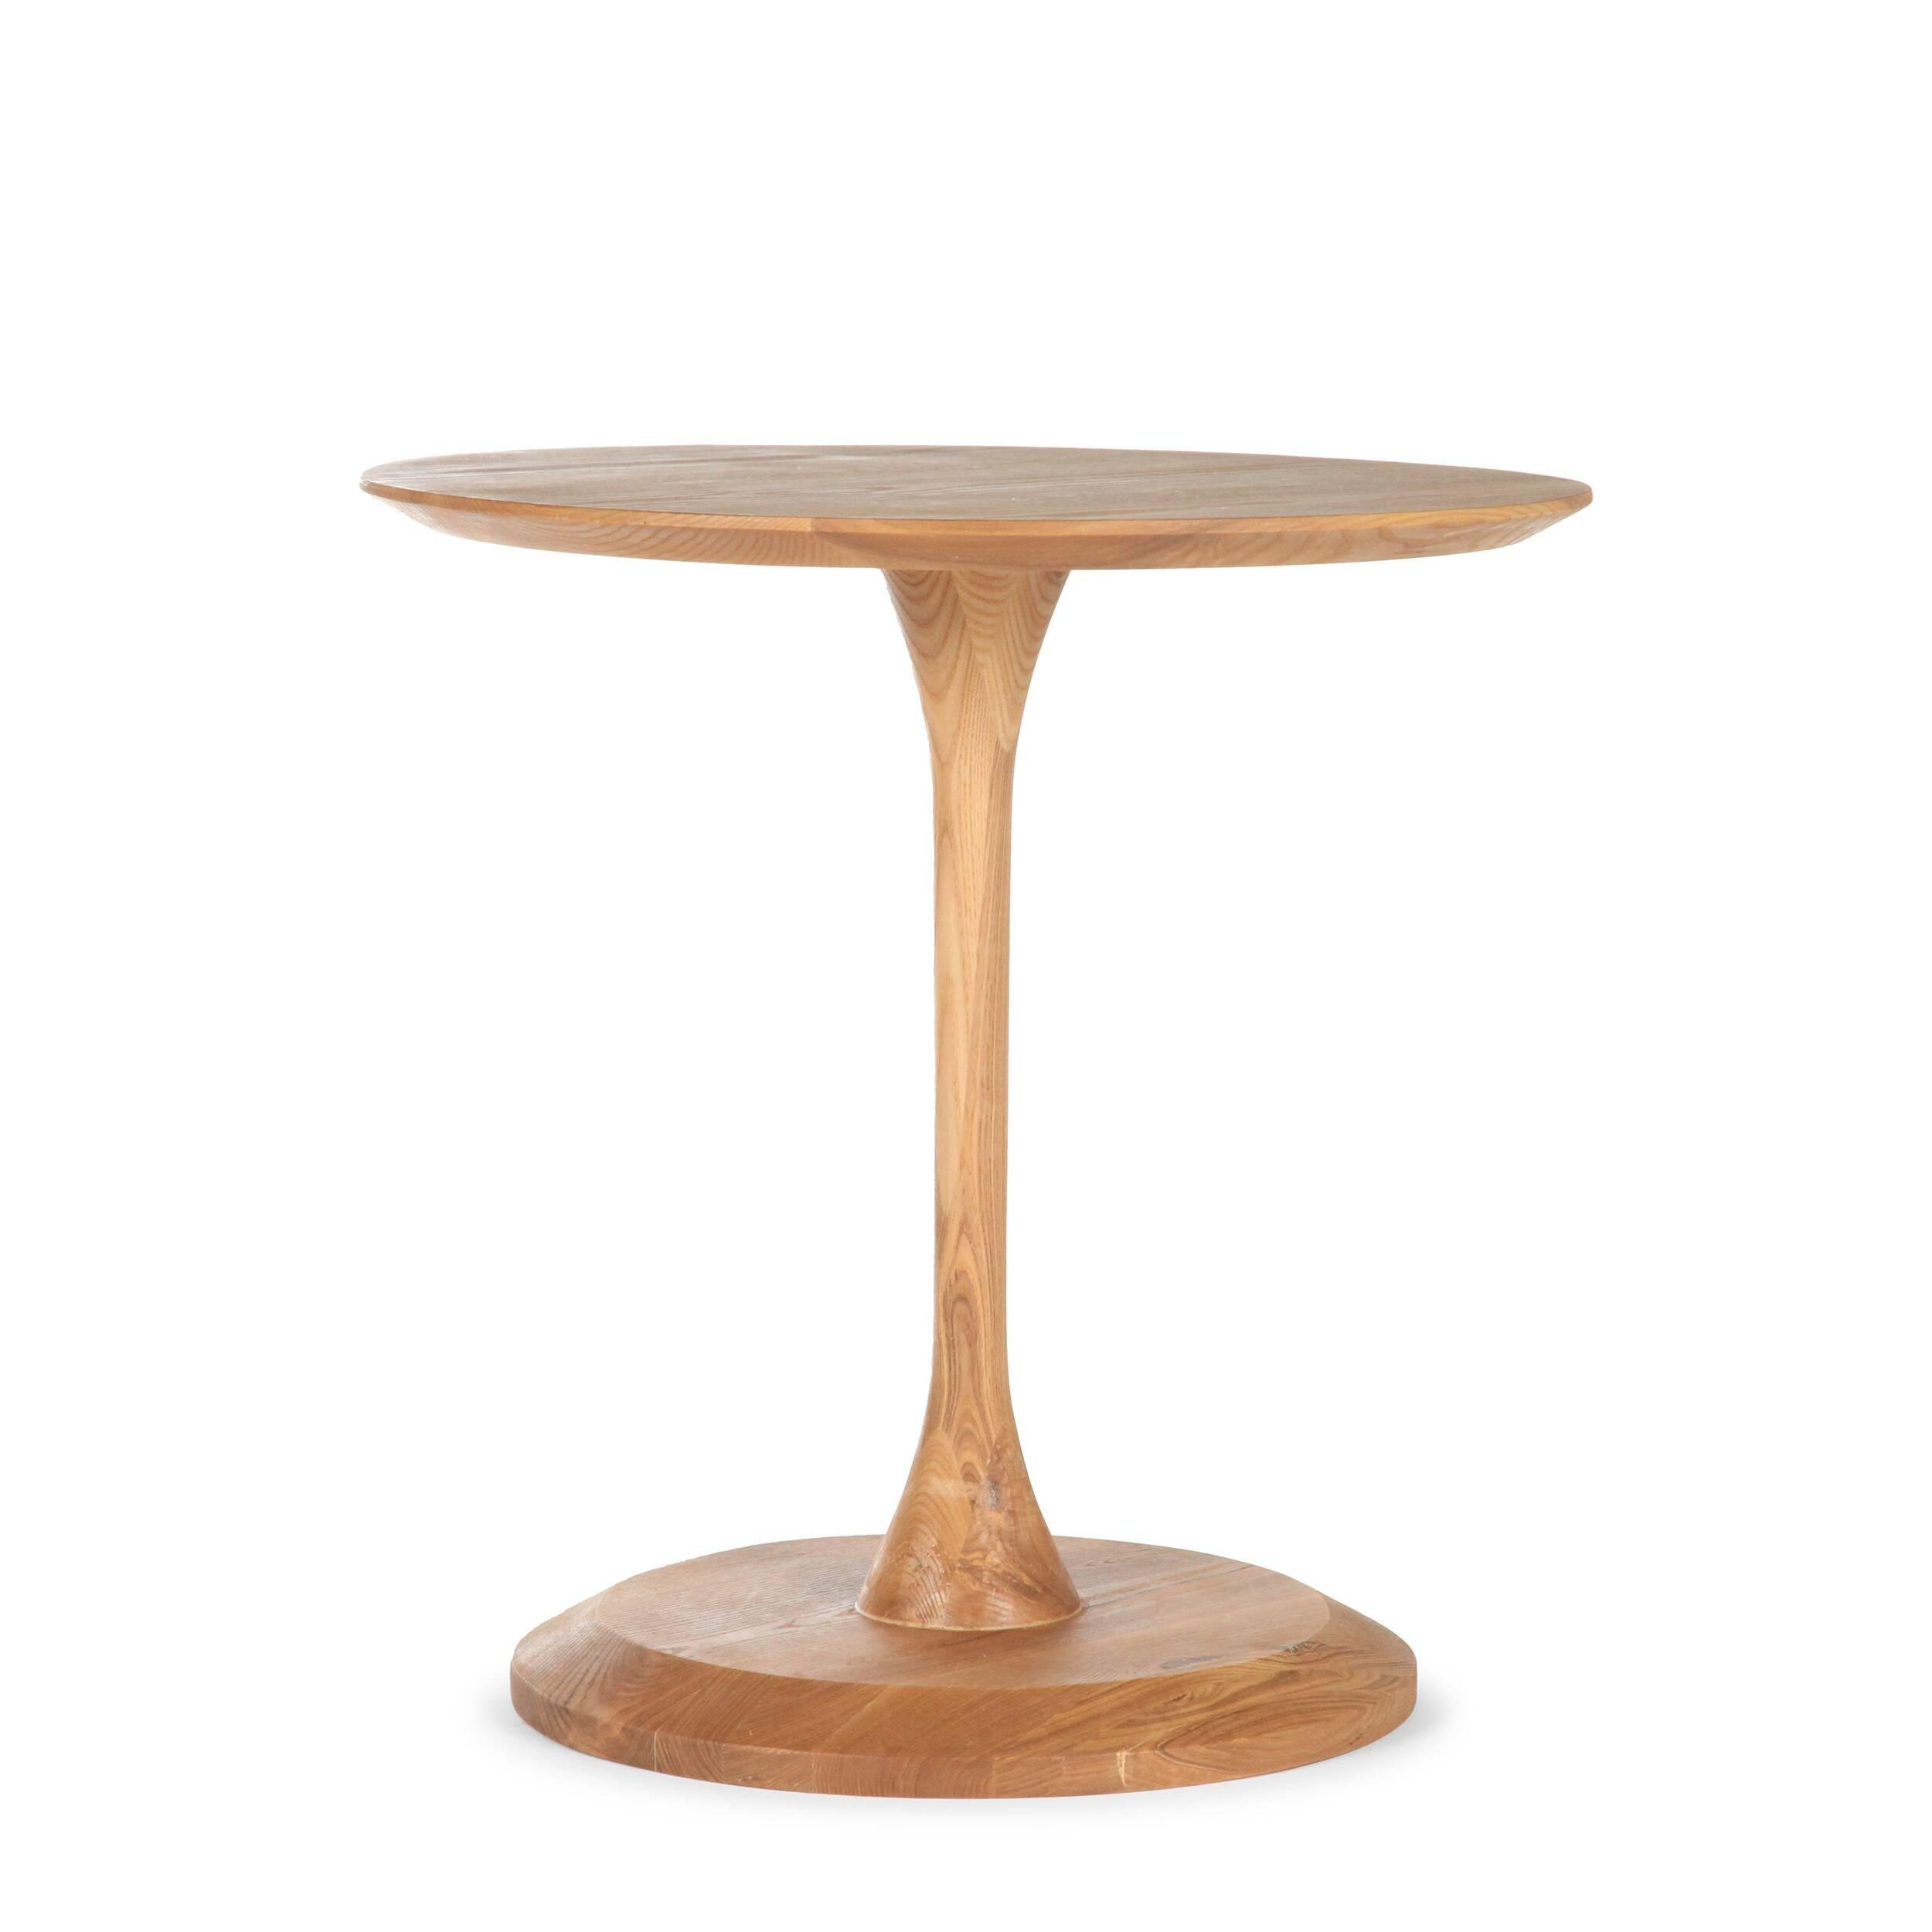 Кофейный стол NativeКофейные столики<br>В попытках создать по-настоящему стильный интерьер совсем не нужно прибегать к использованию броской мебели и аксессуаров. В этом деле главную роль играют минимум деталей и натуральные материалы. <br> <br> Уникальность кофейного стола Native заключена в его простоте. Всего три элемента из натурального массива ивы, мастерство столяра, и перед вами полноценный дизайн — ни отнять, ни прибавить!<br><br>stock: 1<br>Высота: 56<br>Ширина: 53<br>Длина: 53<br>Материал каркаса: Массив ивы<br>Тип материала каркаса: Дерево<br>Цвет каркаса: Коричневый